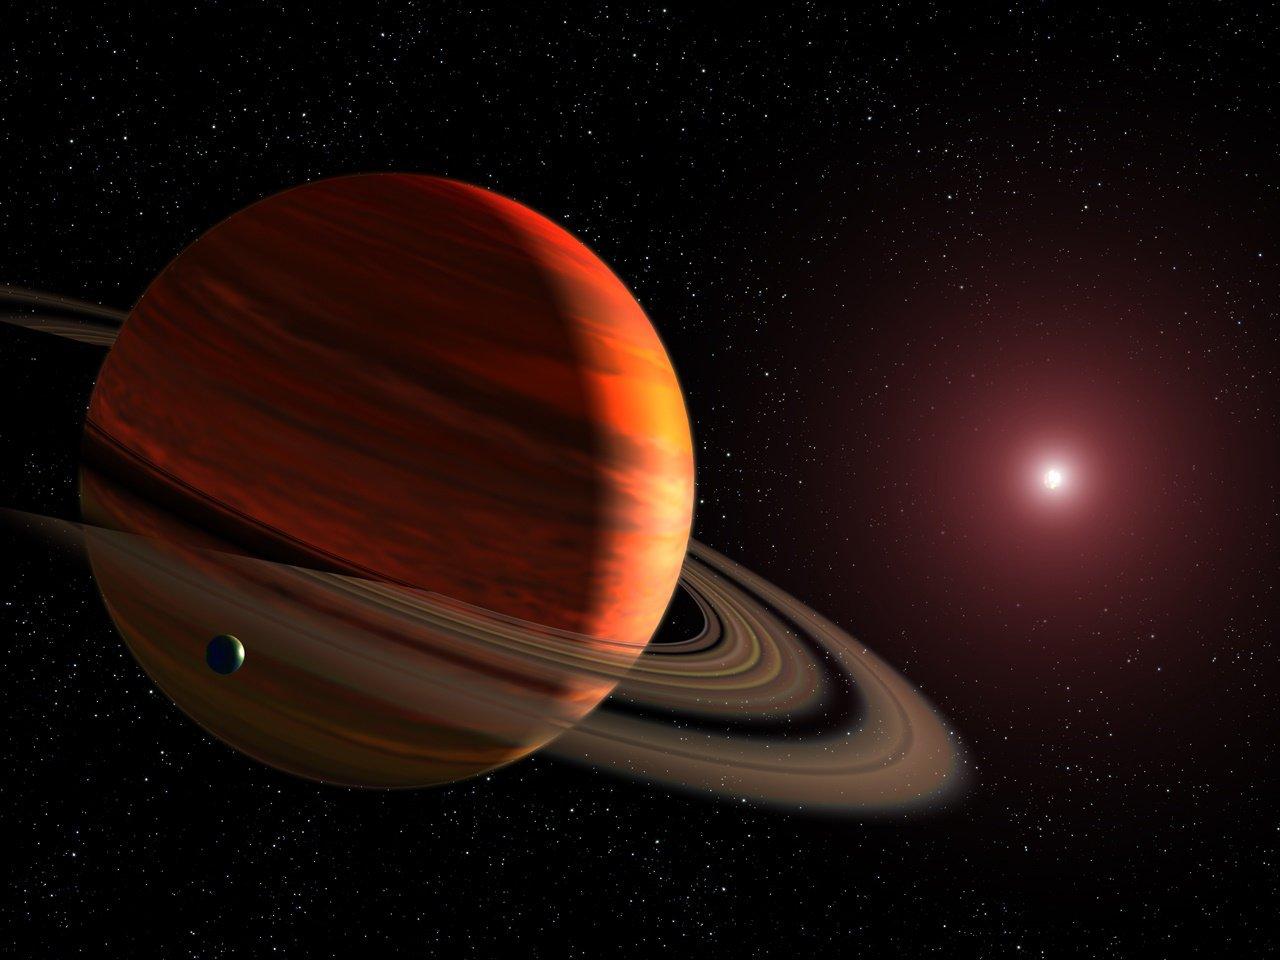 Cientistas captam sinais estranhos de estrela próxima ao nosso sistema